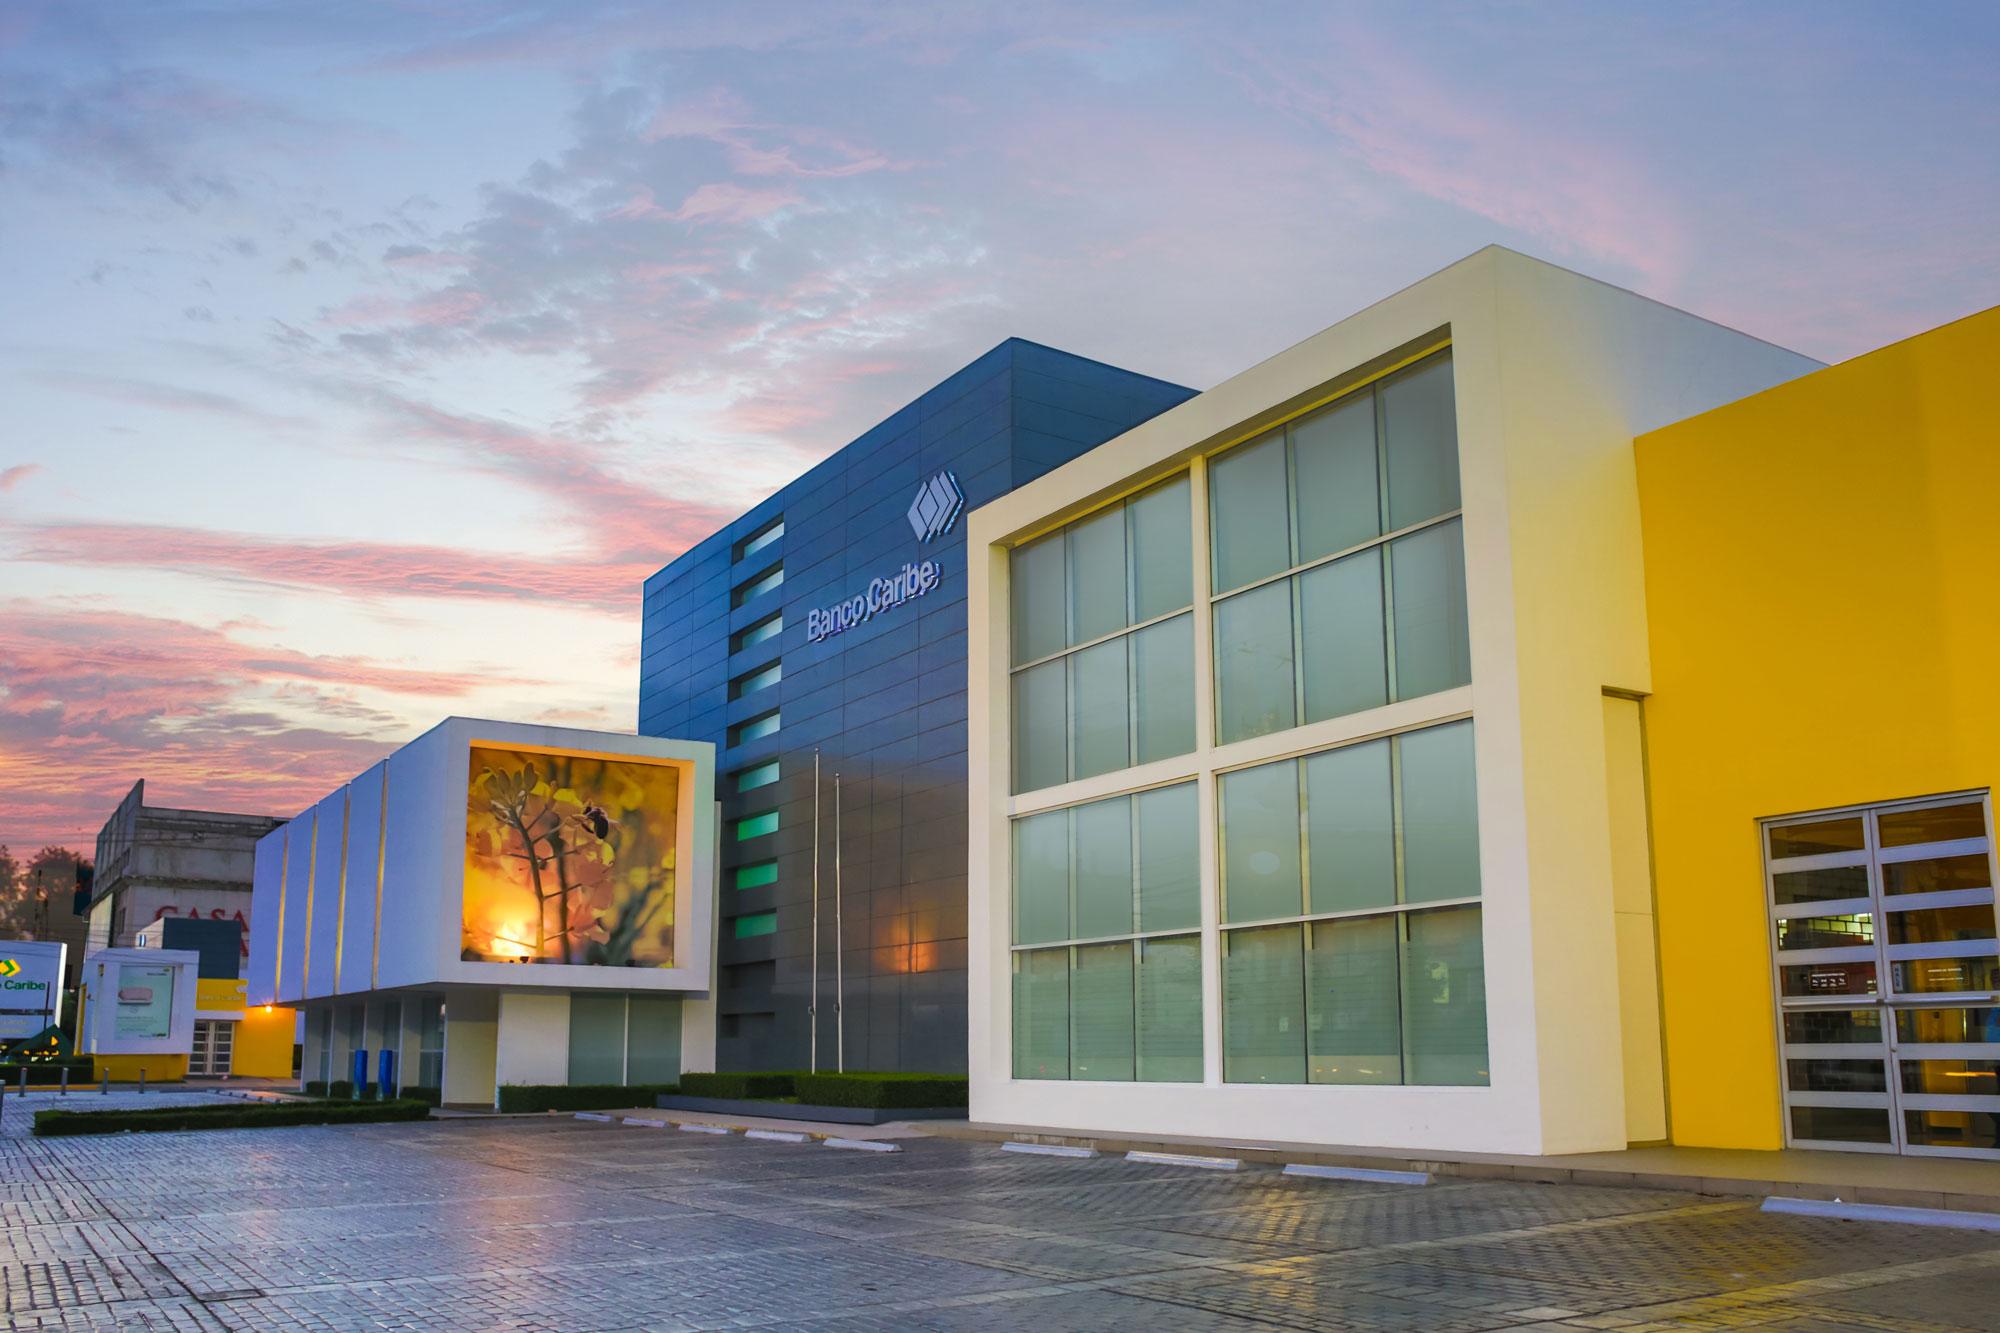 Banco Caribe introduce portafolio de productos financieros para el segmento comercial